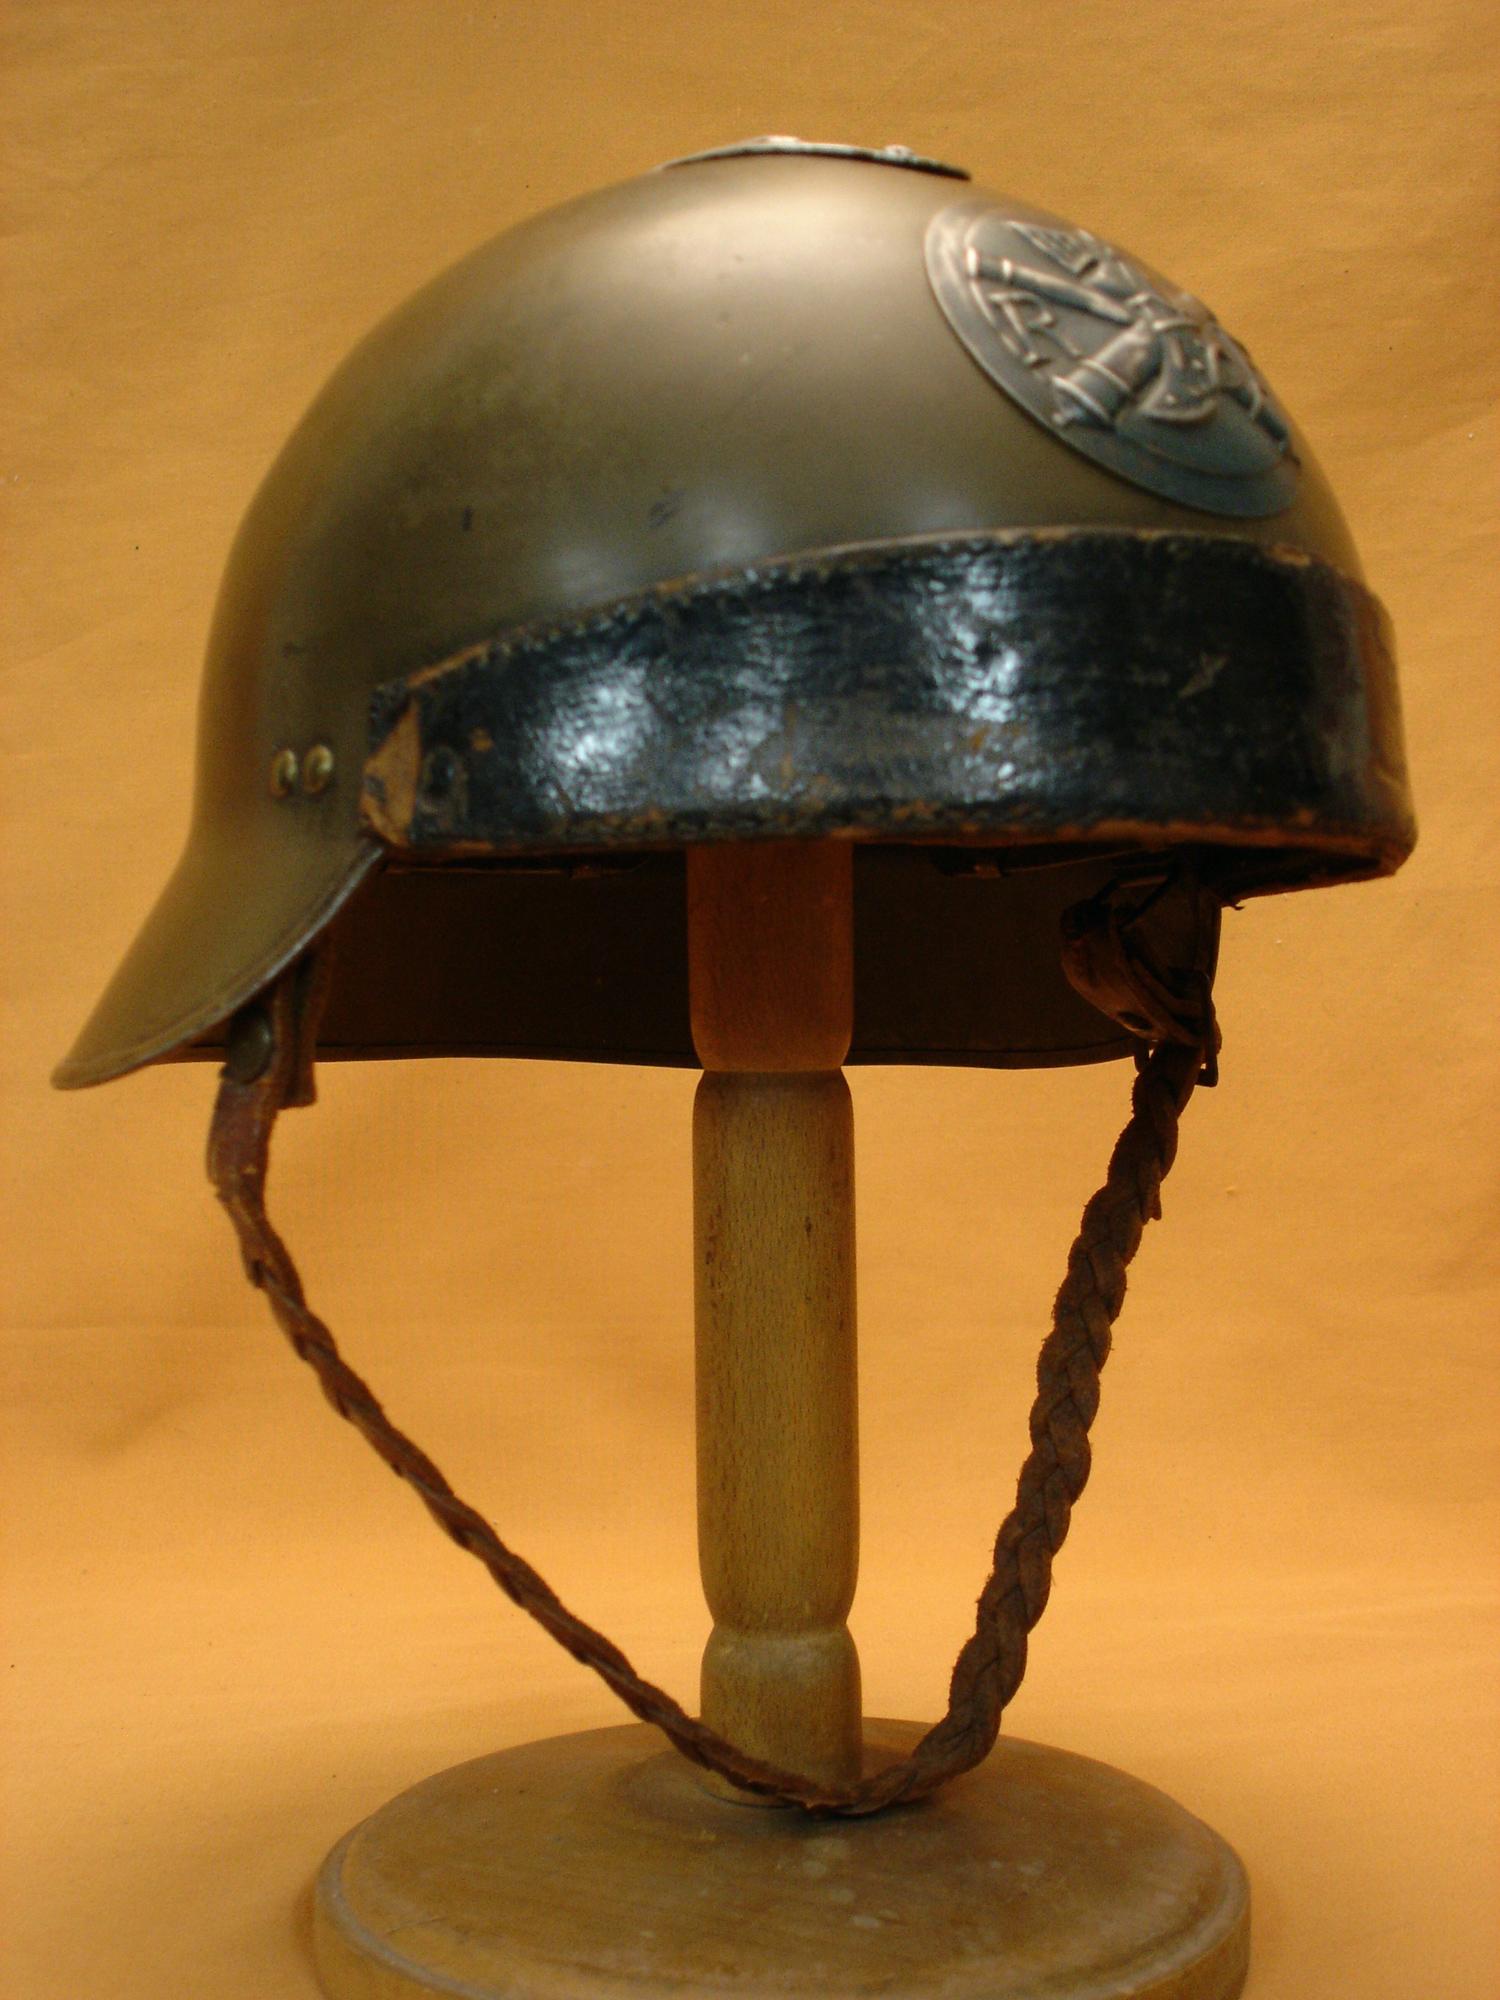 Casque 26 d'officier des chars de combat.